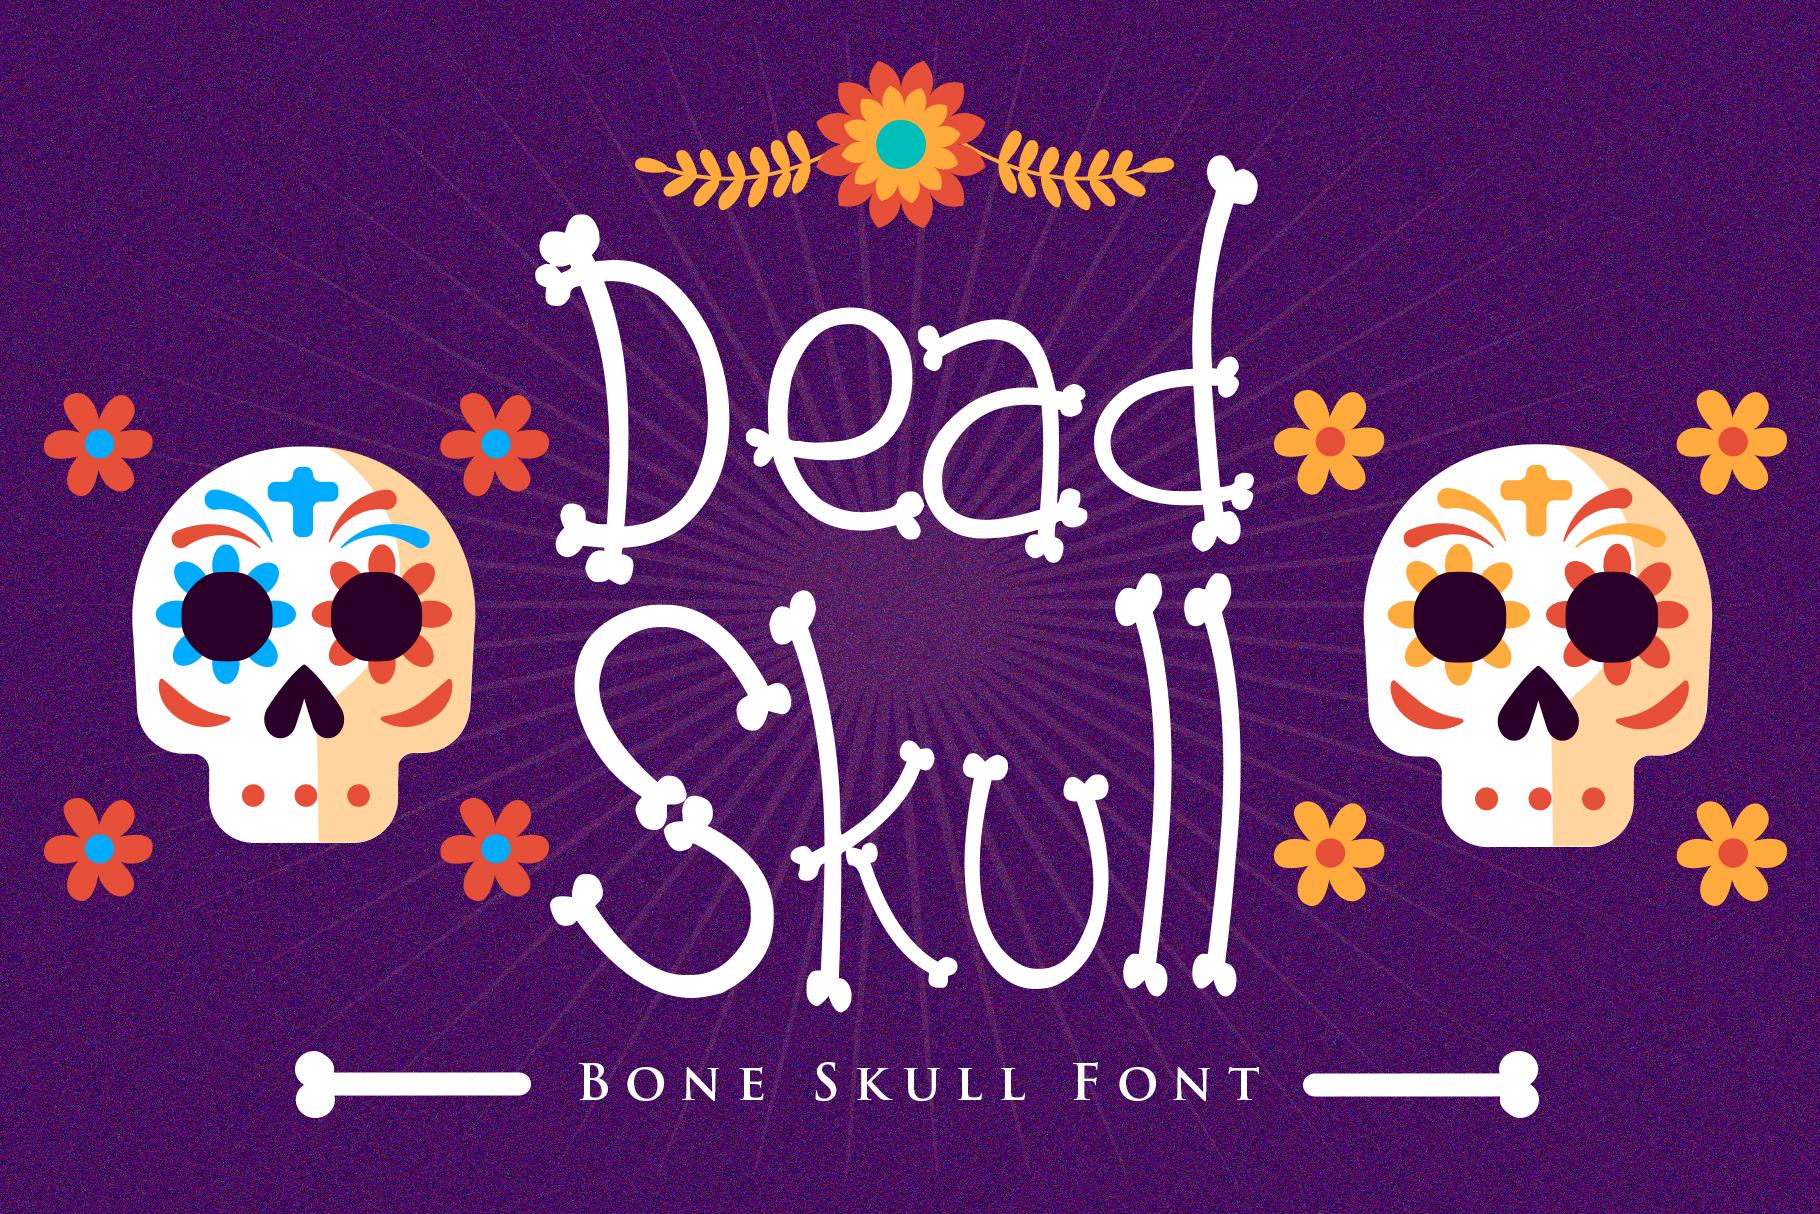 Dead Skull - Bone Skull Font example image 1